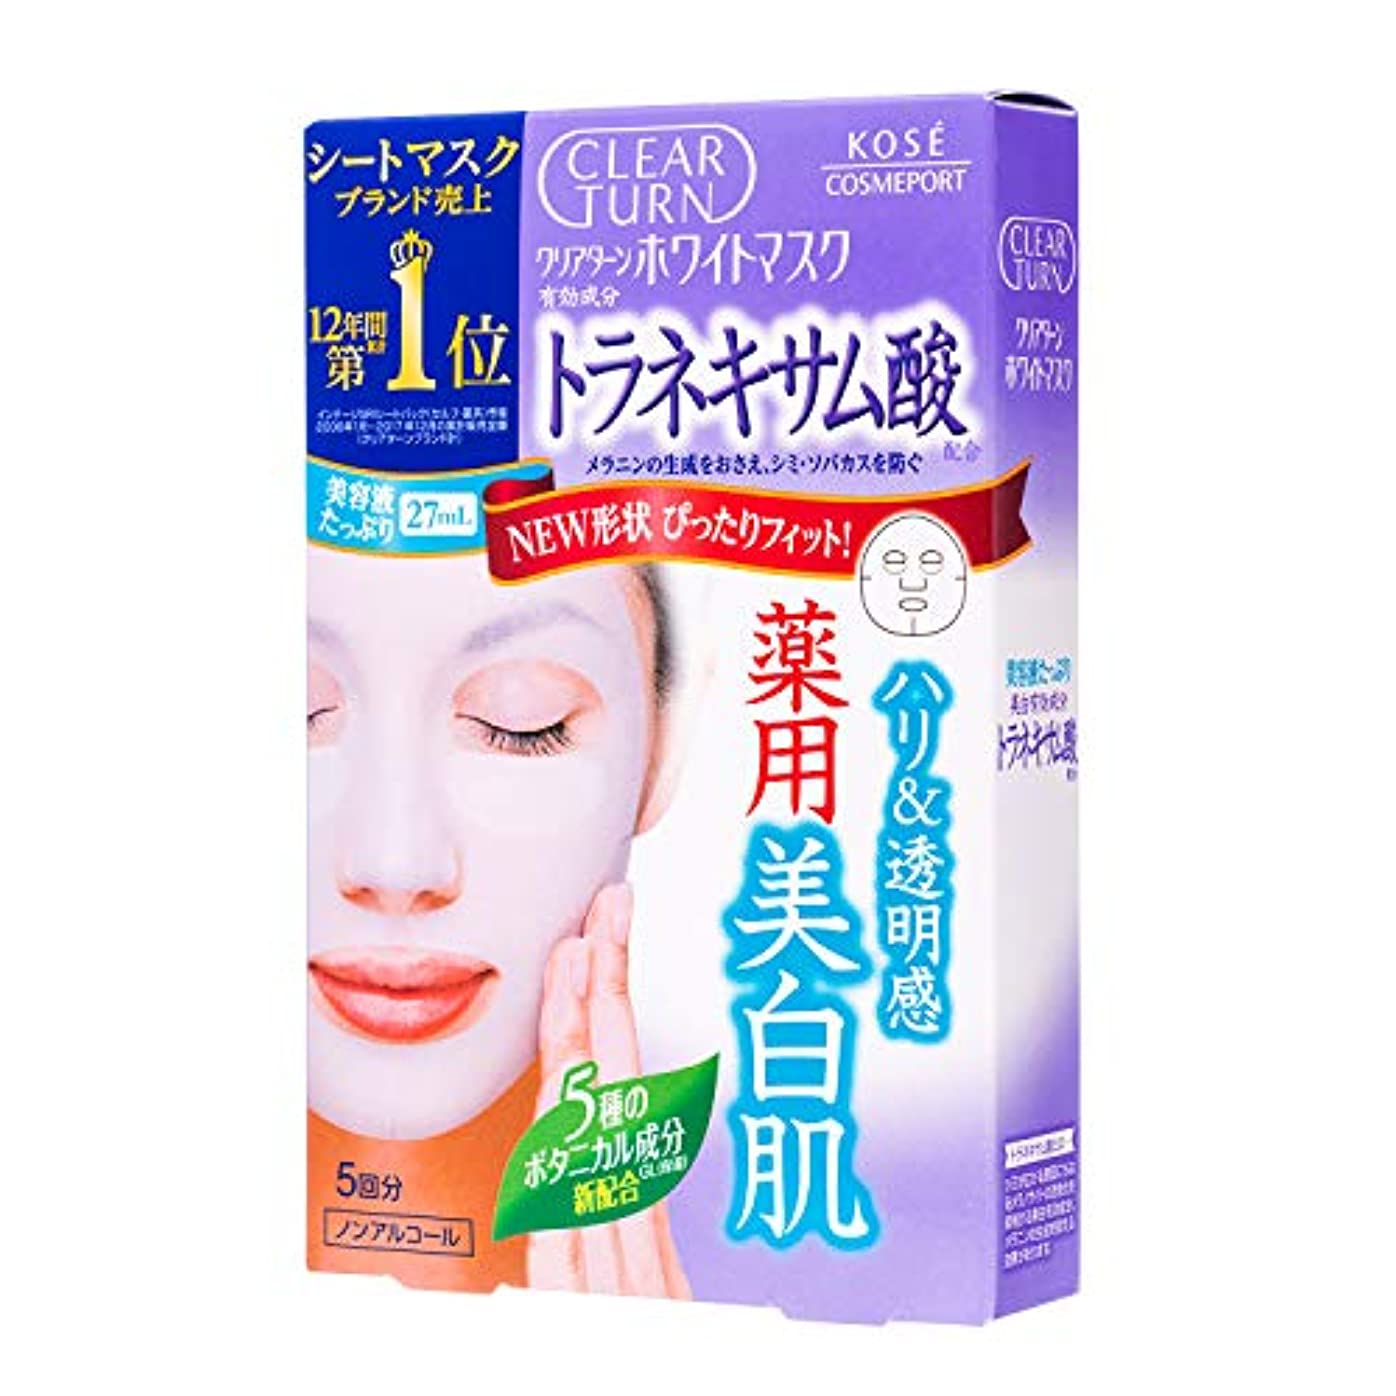 消費マニュアルメガロポリスKOSE クリアターン ホワイト マスク トラネキサム酸 5回分 22mL×5 【医薬部外品】